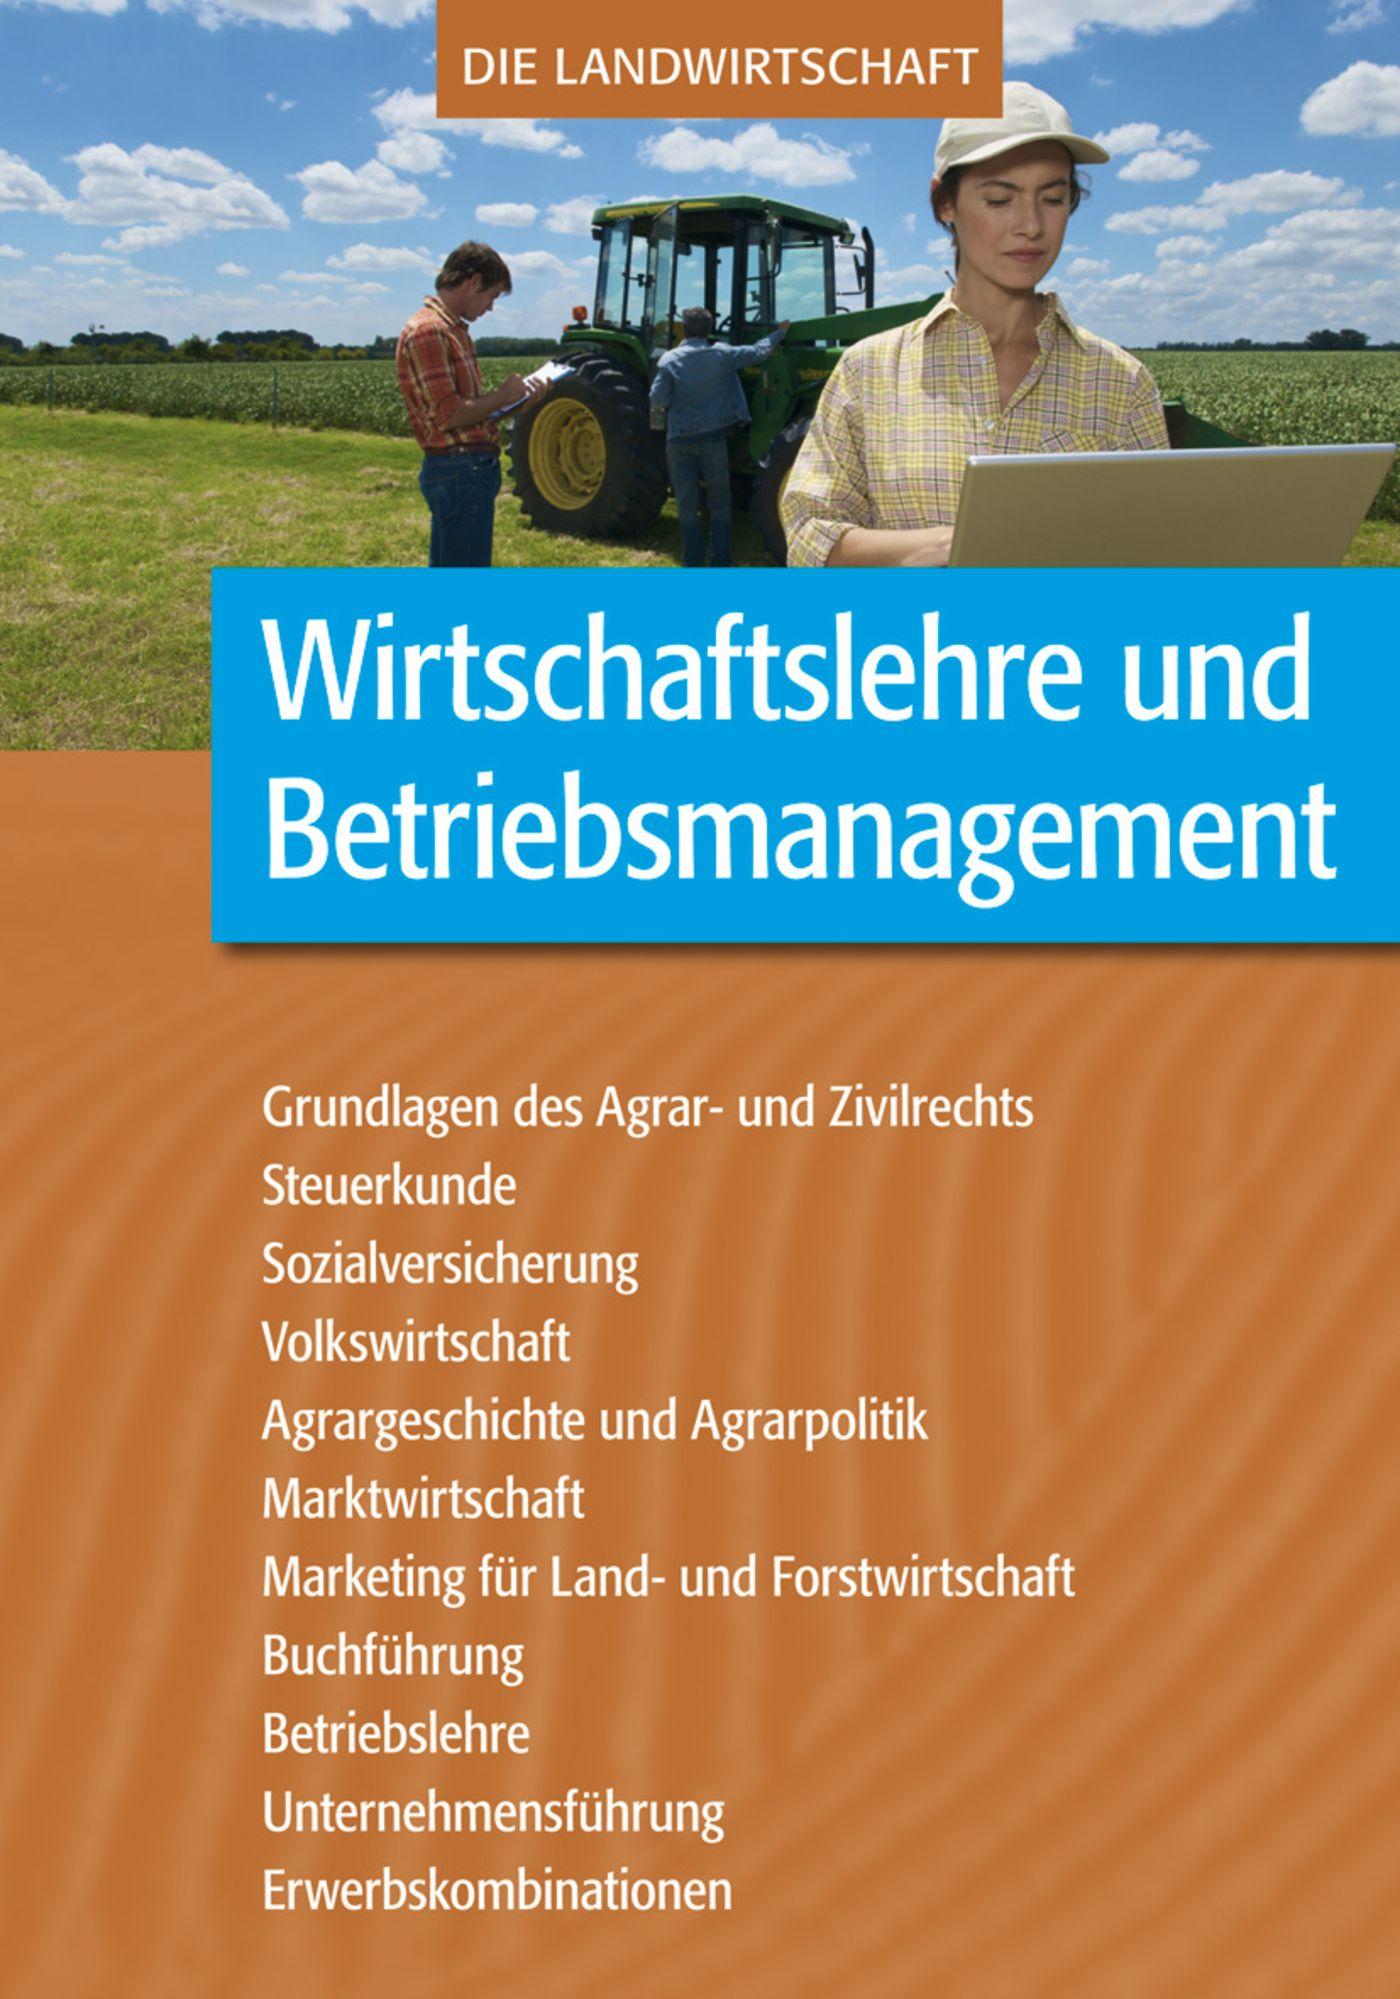 Eva-Maria-Schmidtlein-Wirtschaftslehre-und-Betriebsmanagement9783818607890